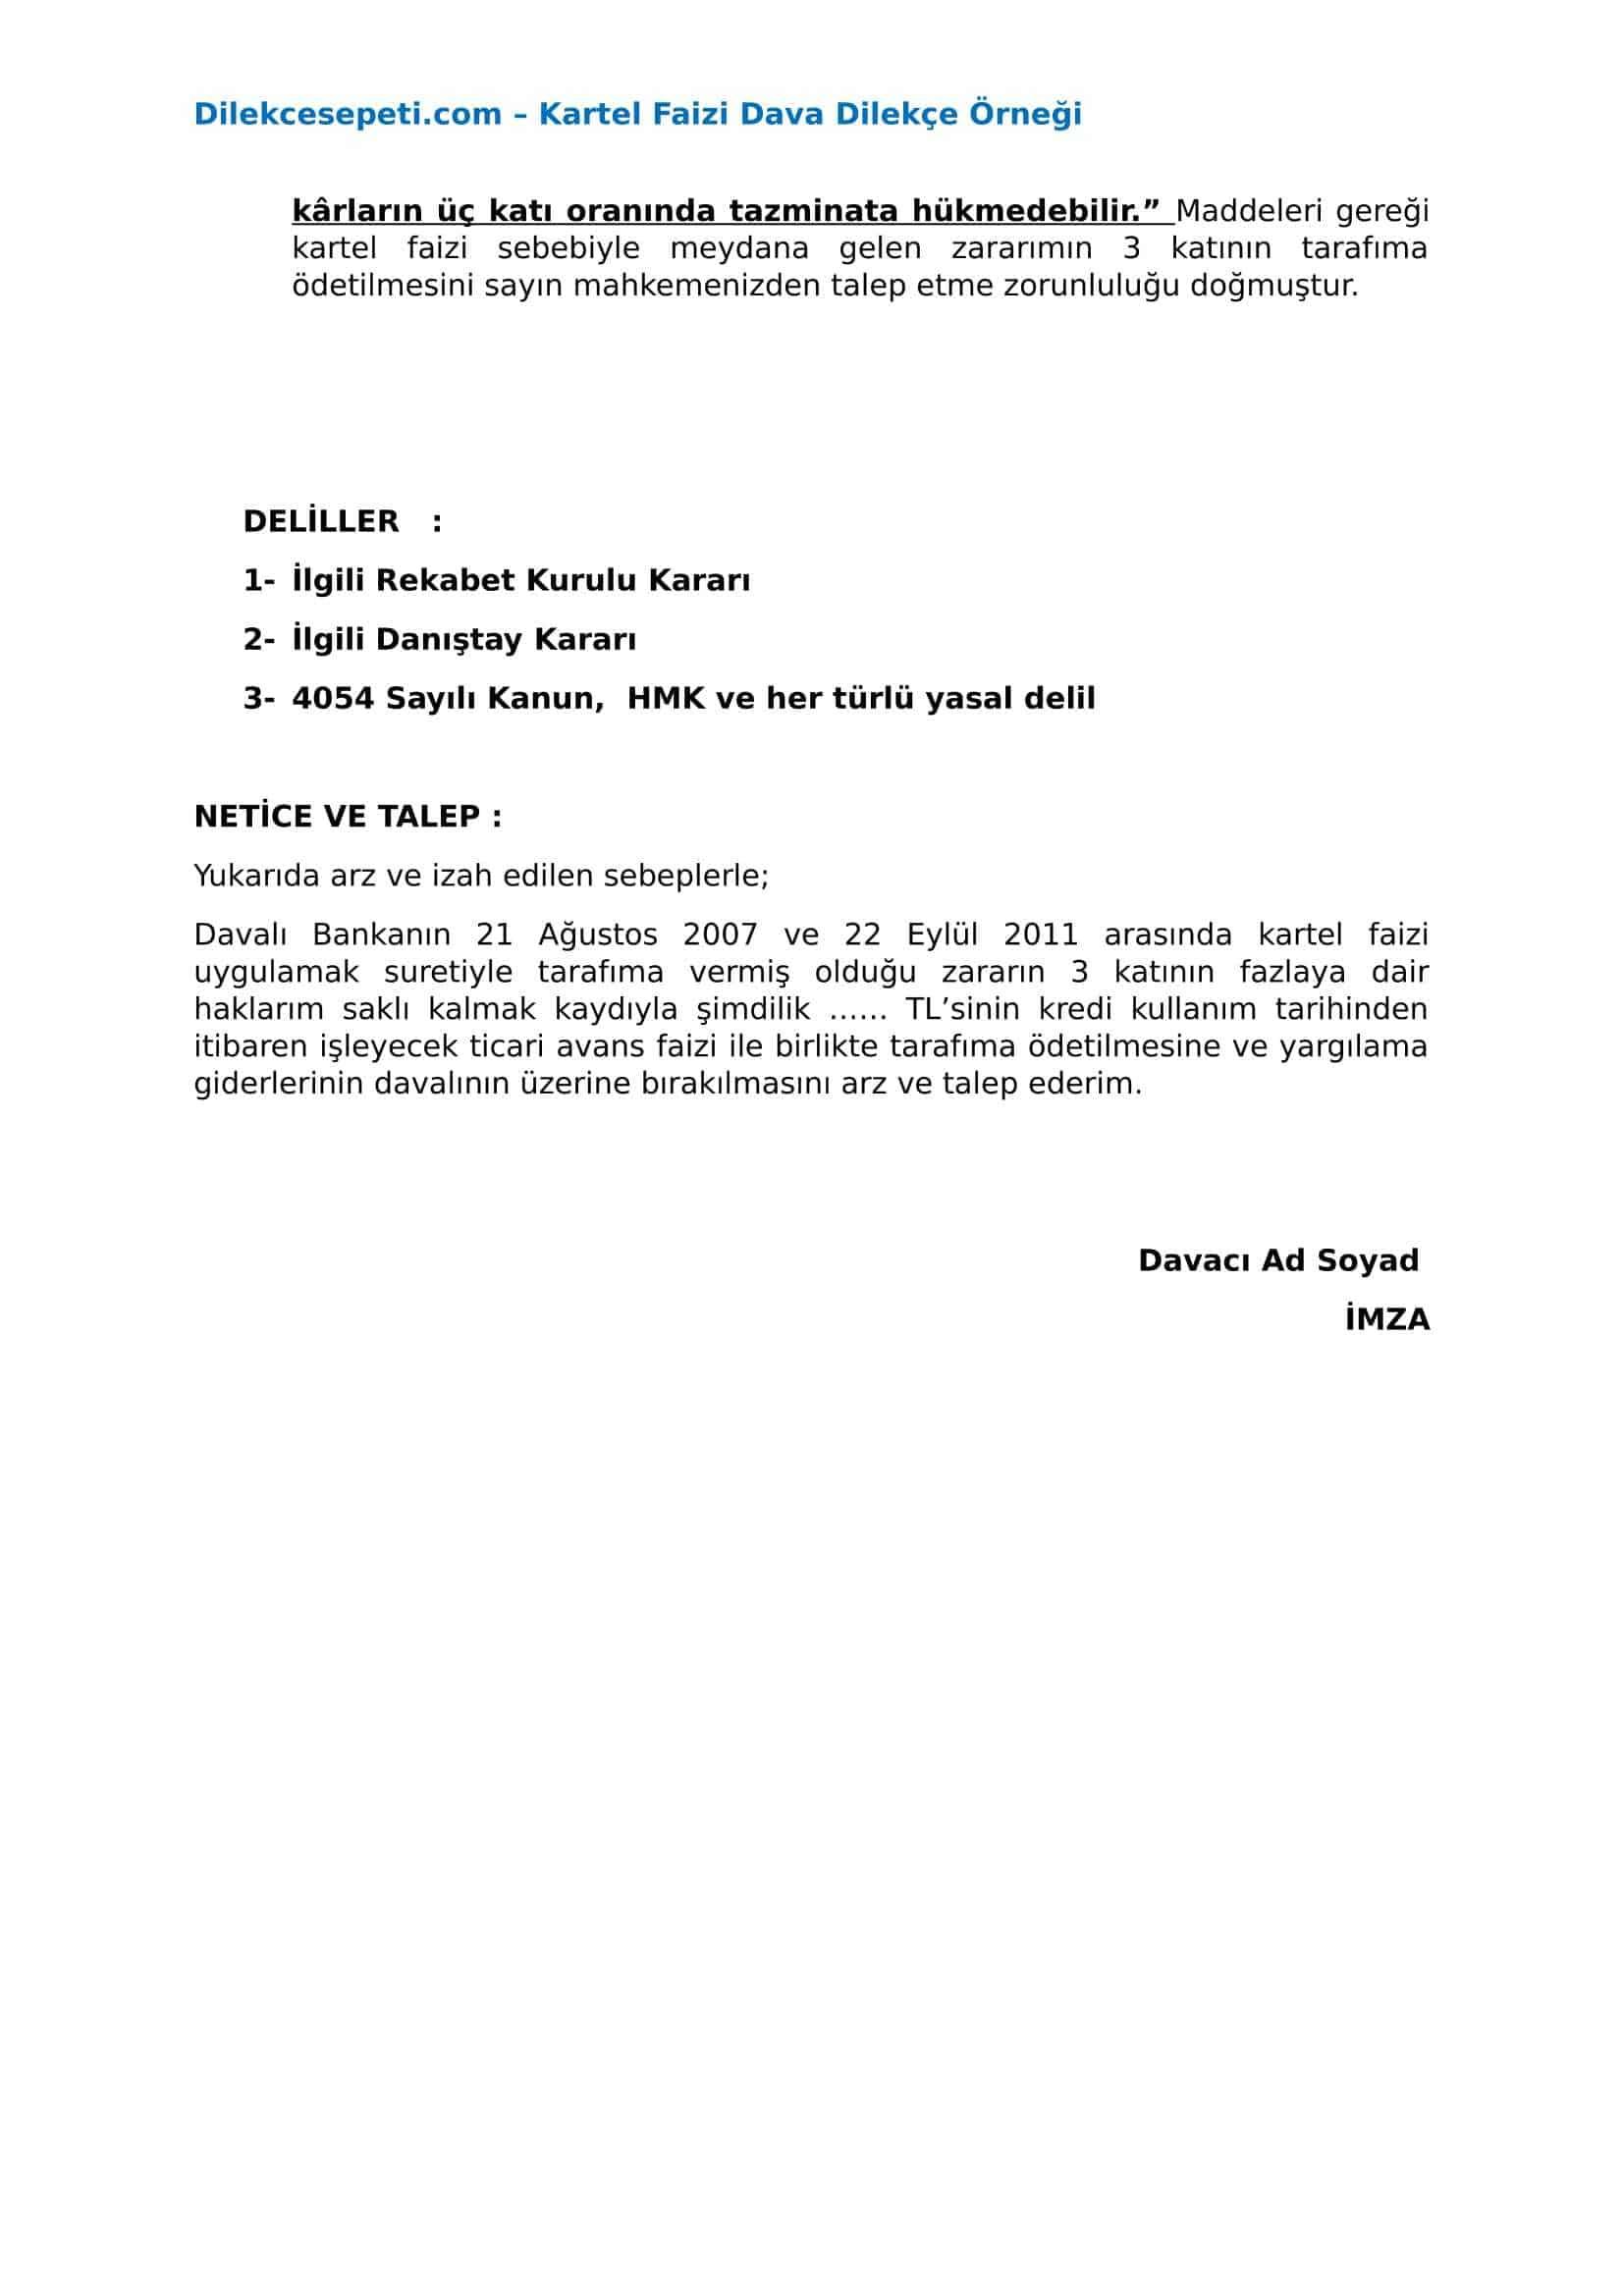 Banka Kartel Faizi iadesi için dava dilekçesi örneği